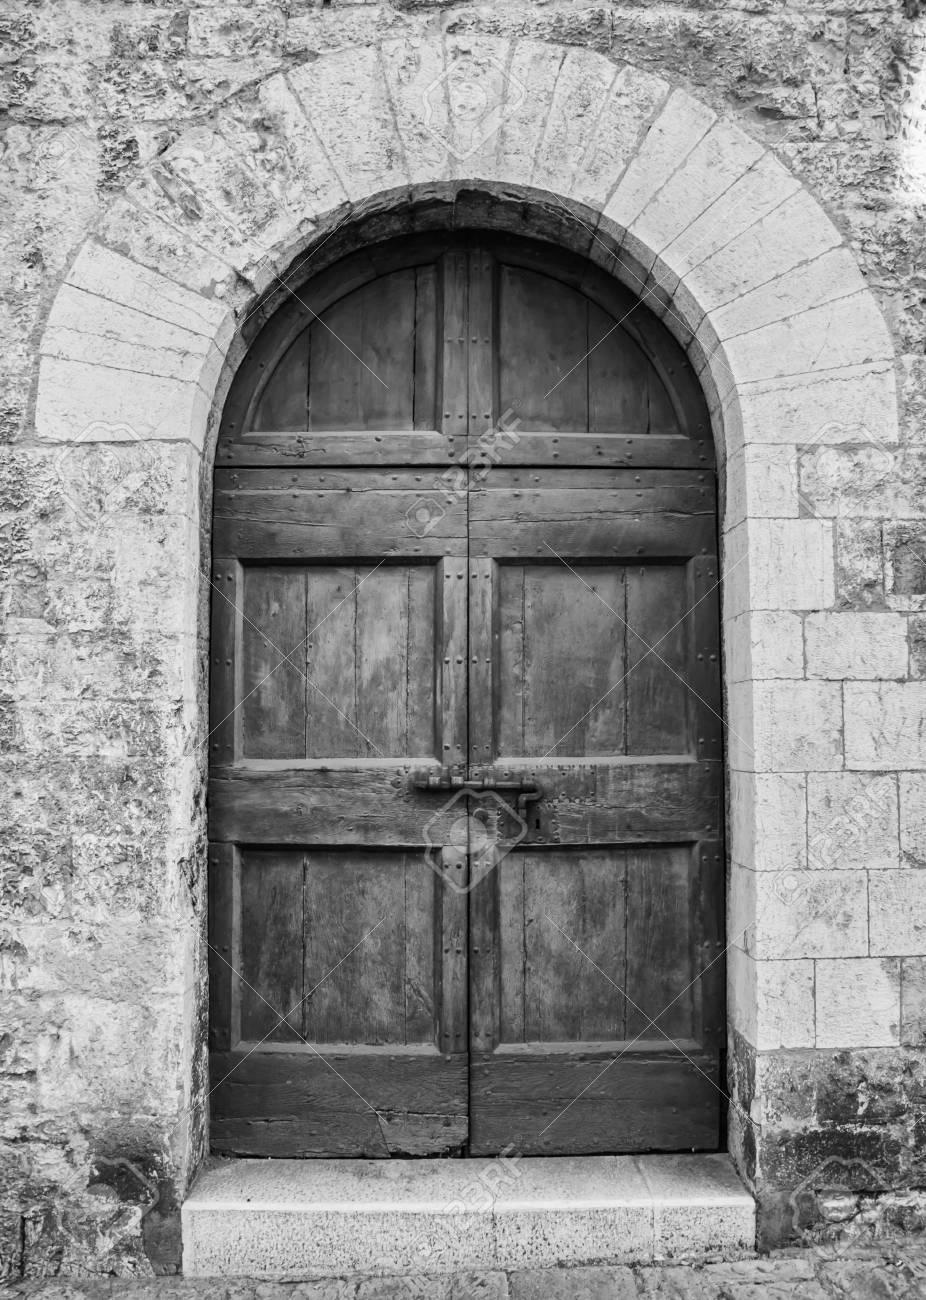 Entrée Noir Et Blanc la porte d'entrée en bois dans une vieille maison italienne. (noir et  blanc).